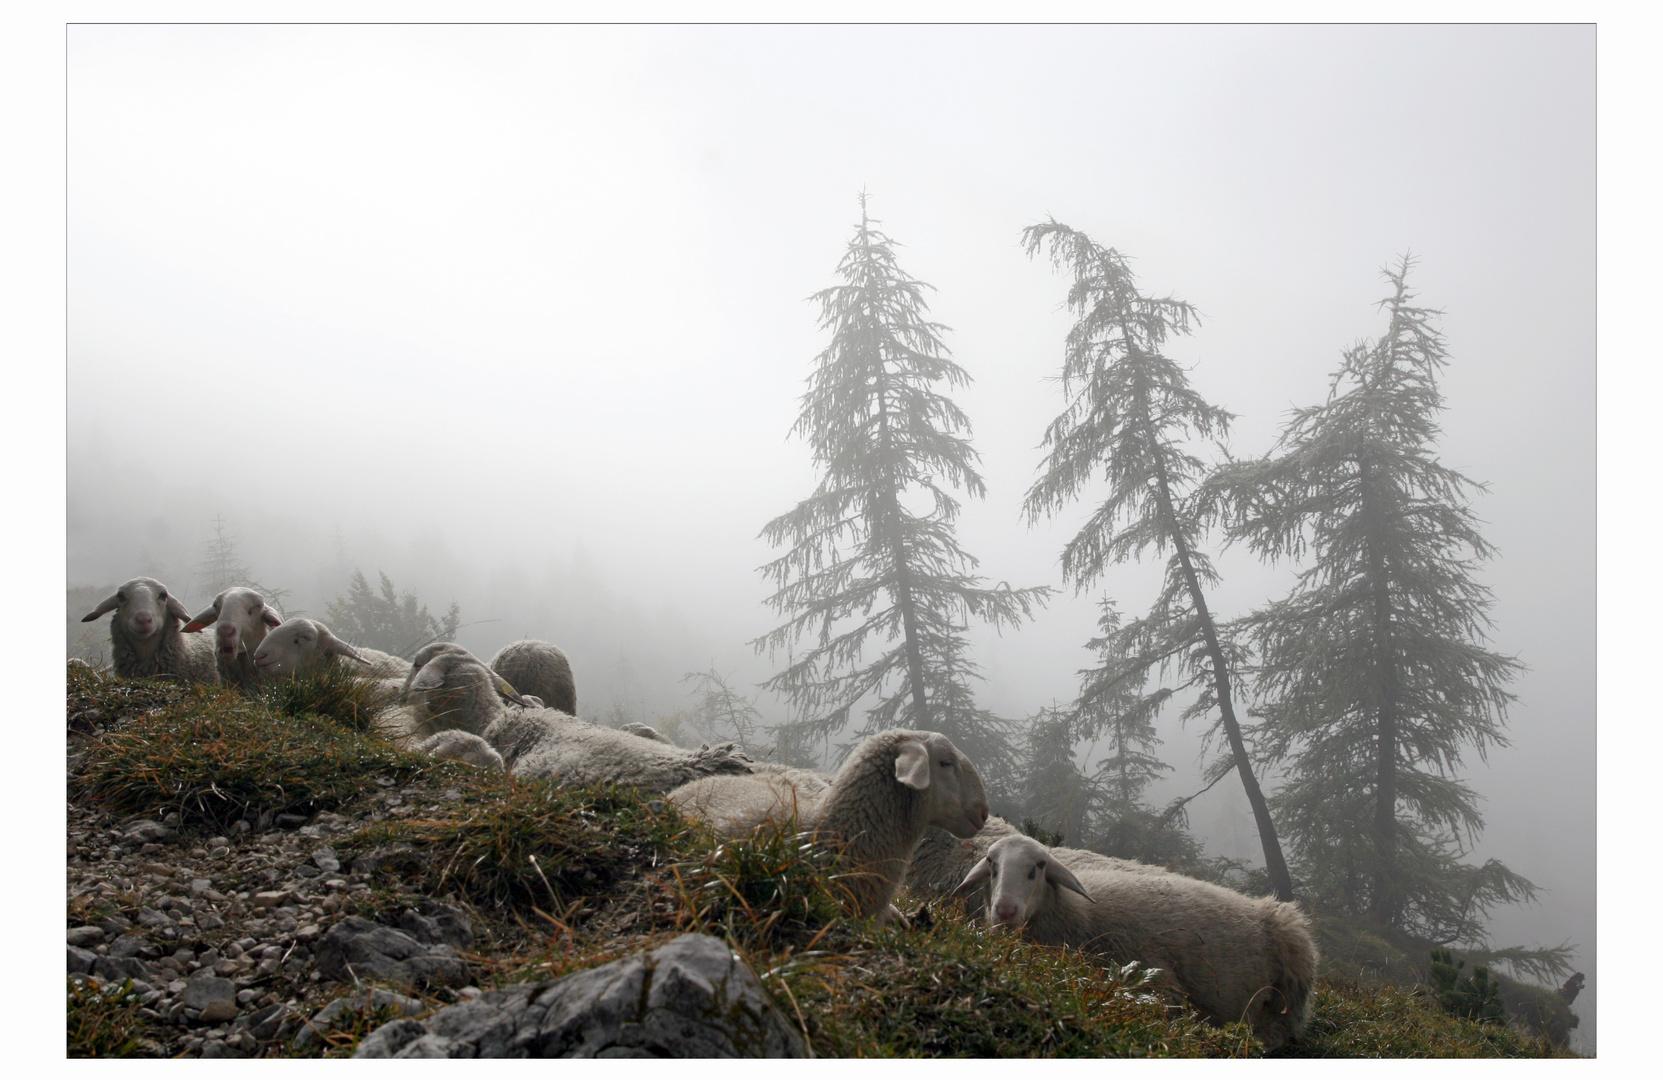 .les moutons et les trois arbres